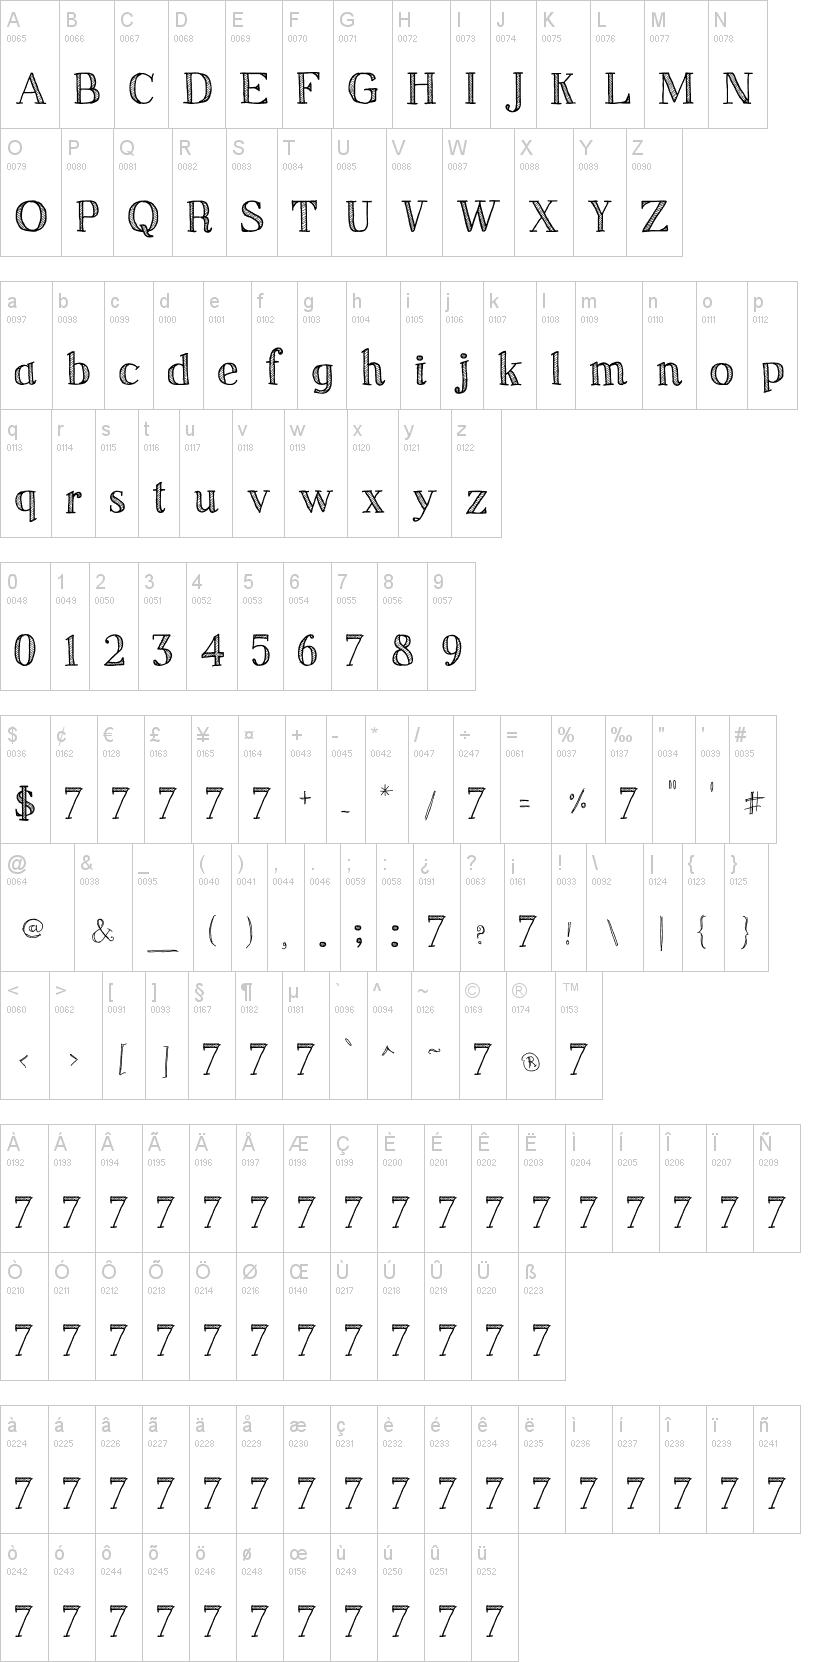 Sketch Serif Font | dafont com | Creative Projects | Fonts